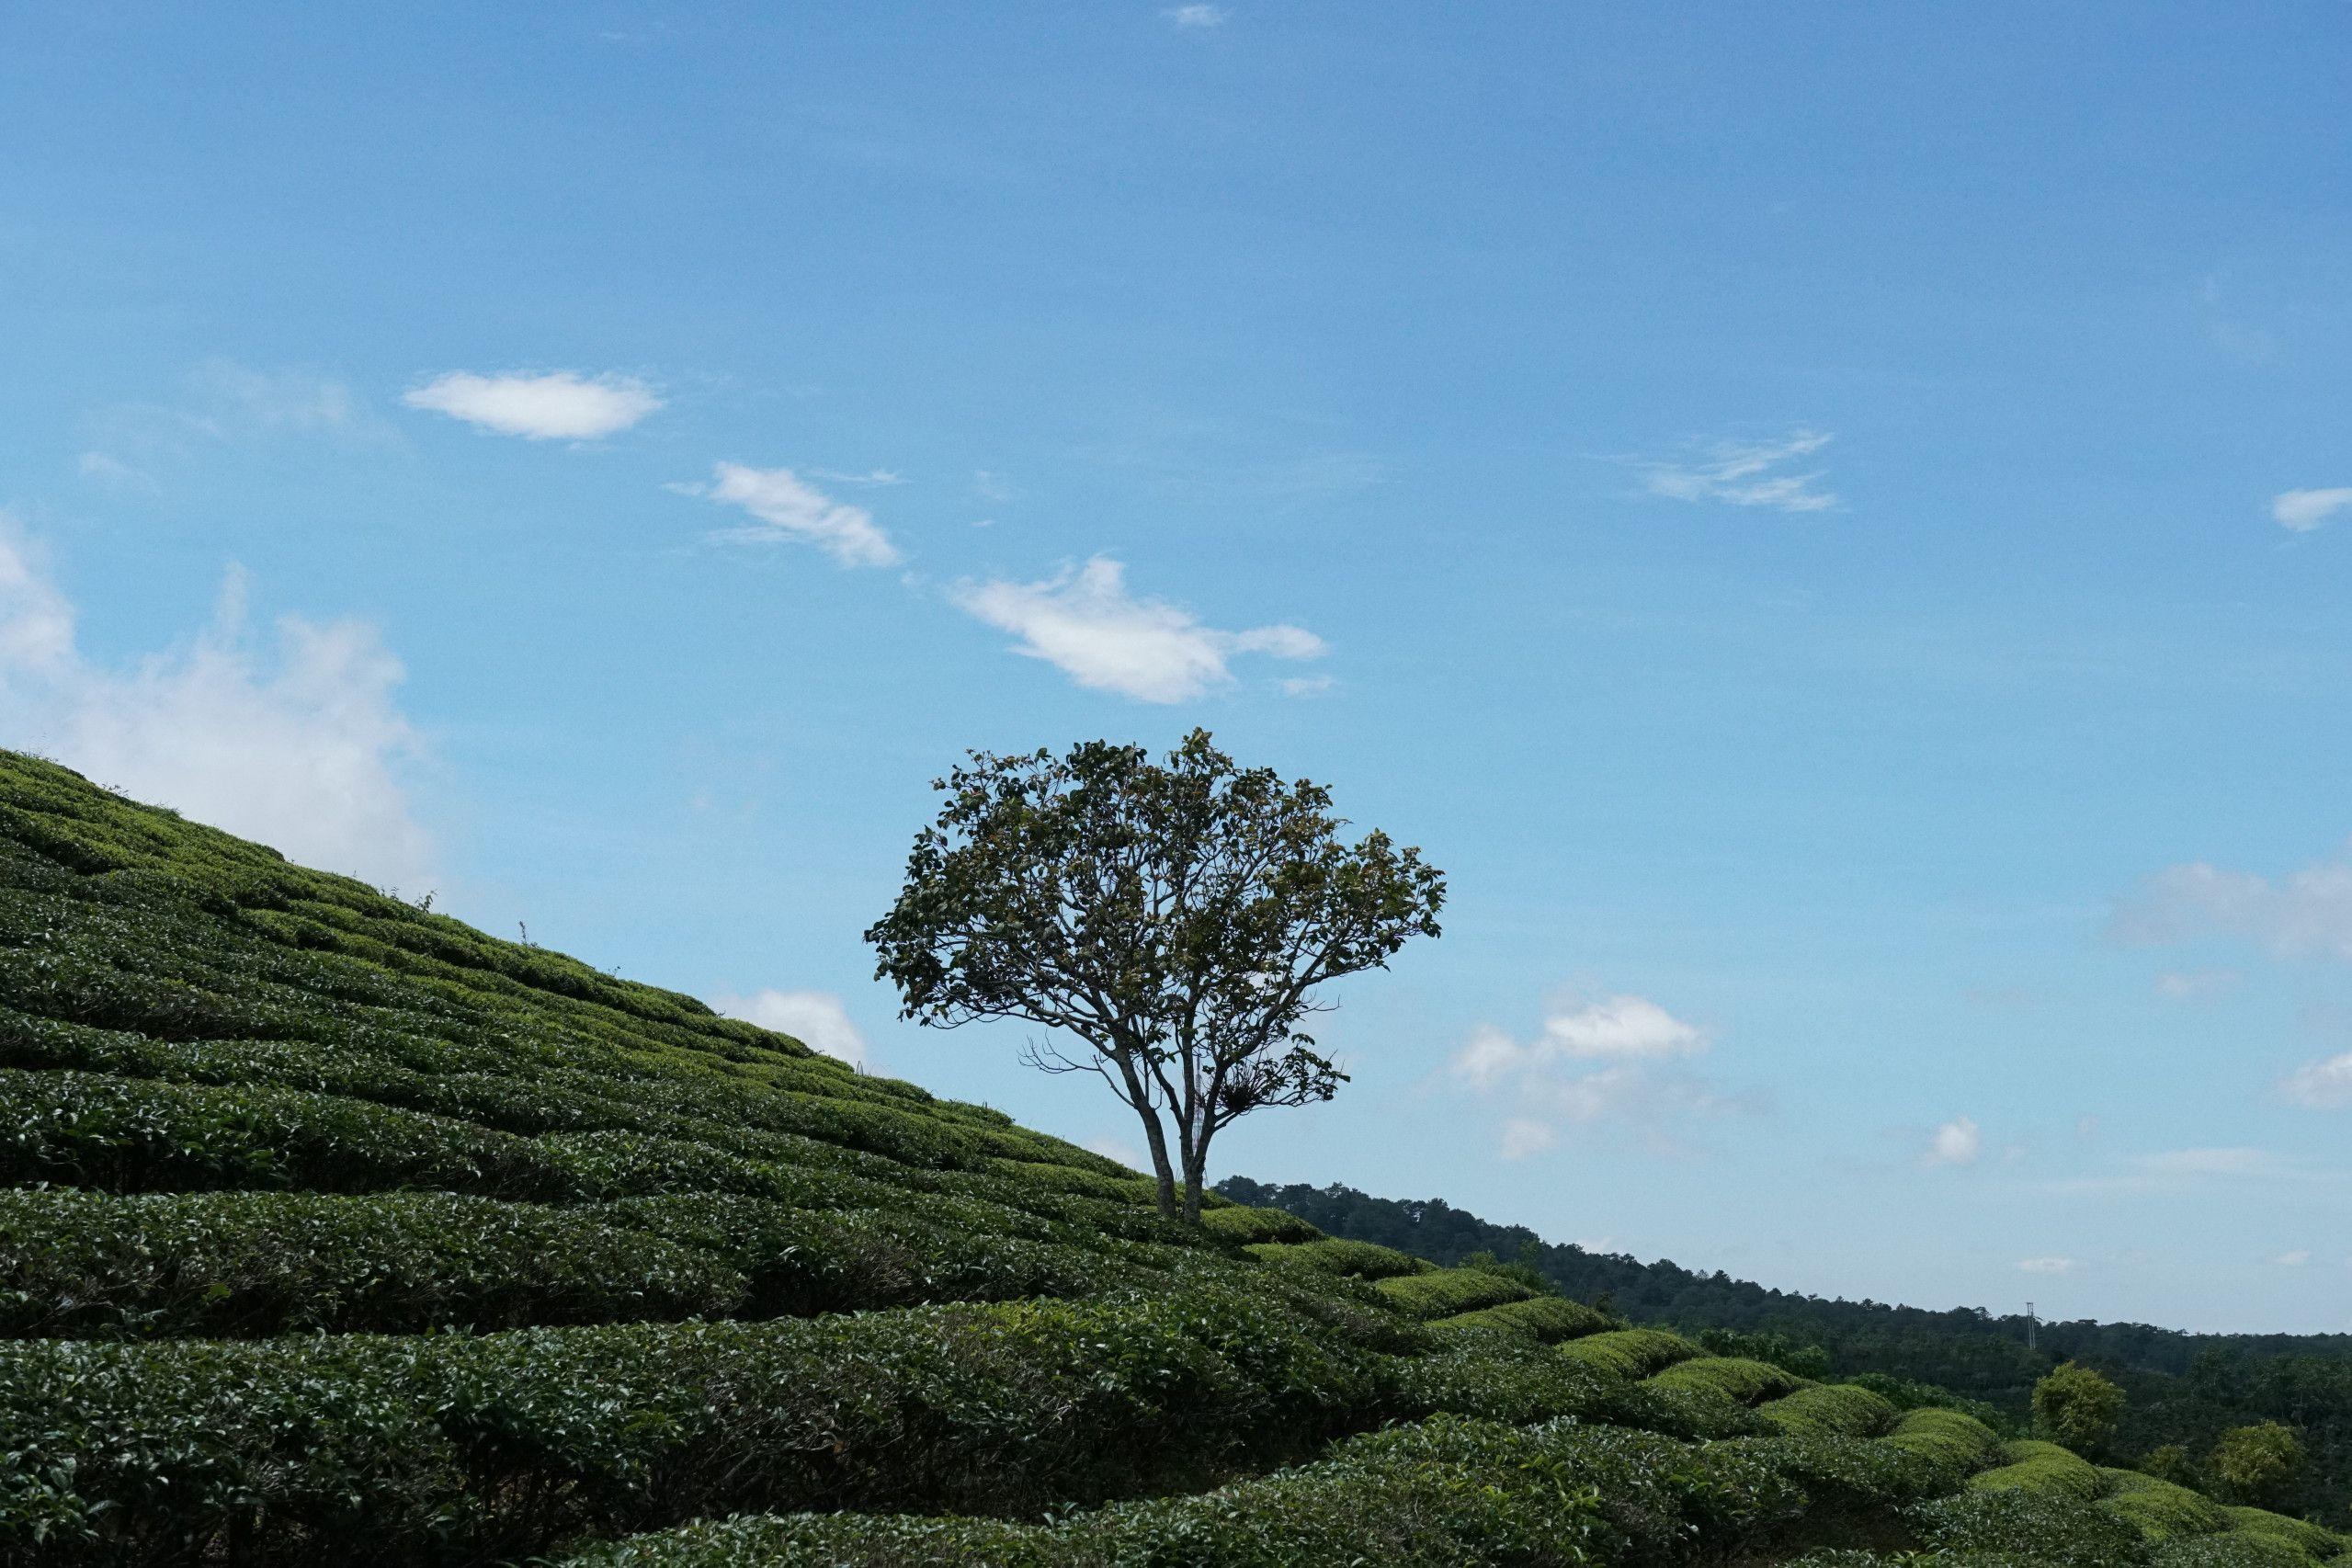 Ngọn đồi này tại xã Xuân Trường, thành phố Đà Lạt, tỉnh Lâm Đồng